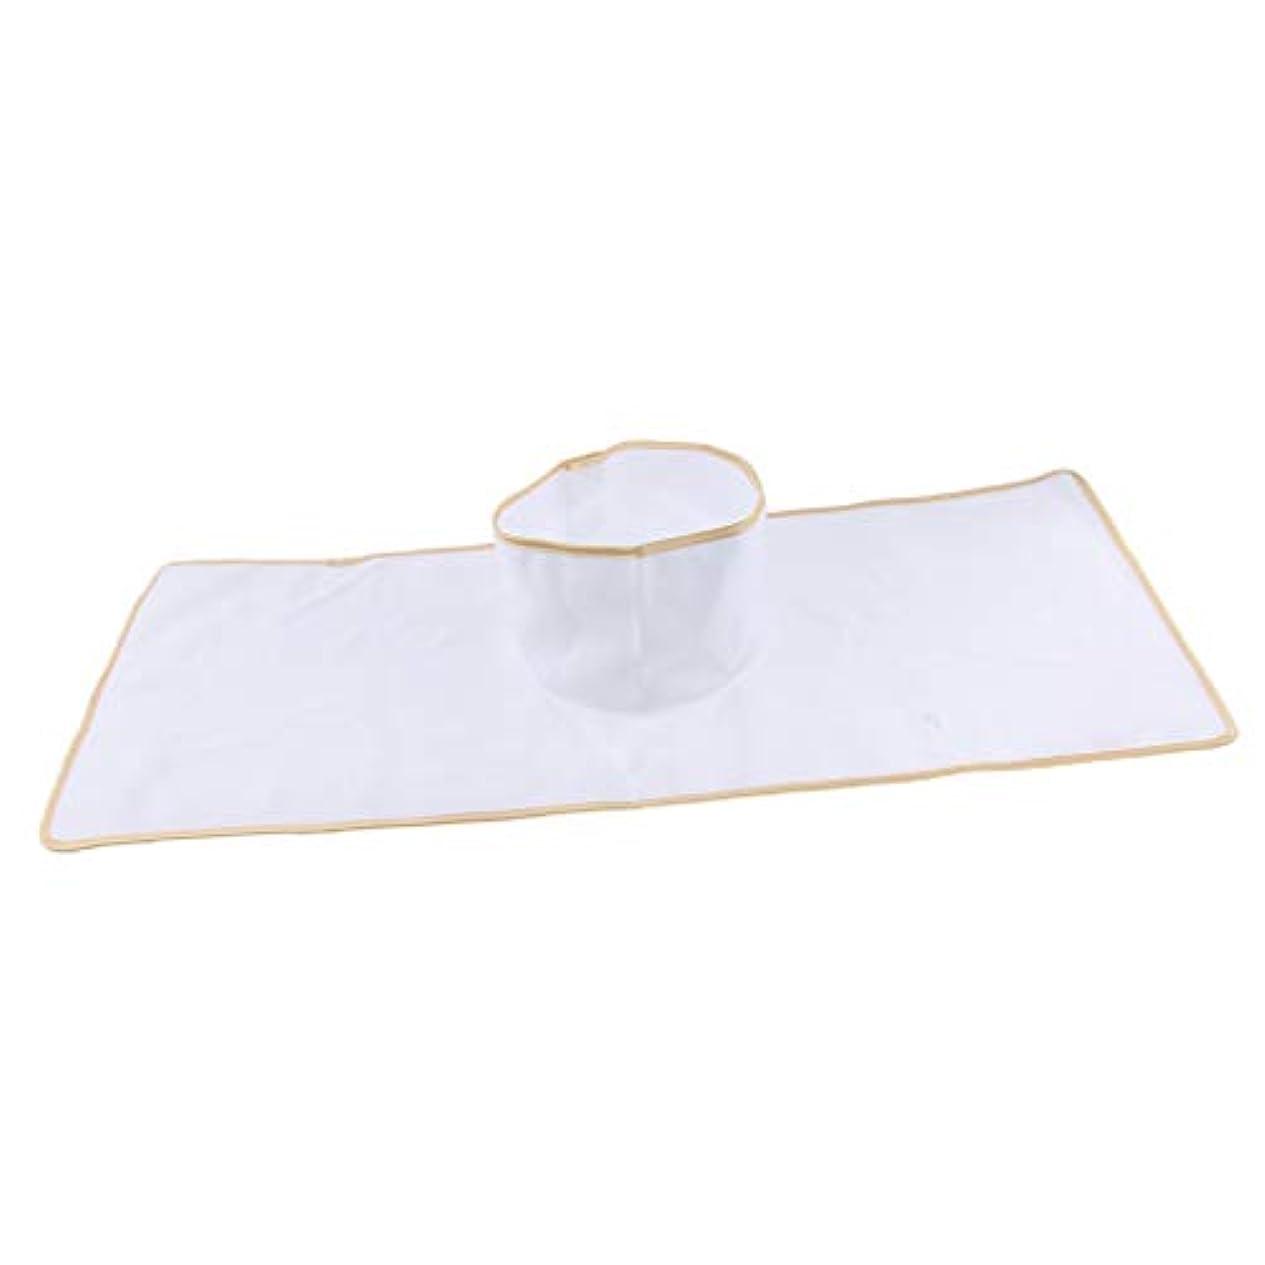 縫う特権的再撮りD DOLITY サロン マッサージベッドシート 穴付き 衛生パッド 再使用可能 約90×35cm 全3色 - 白